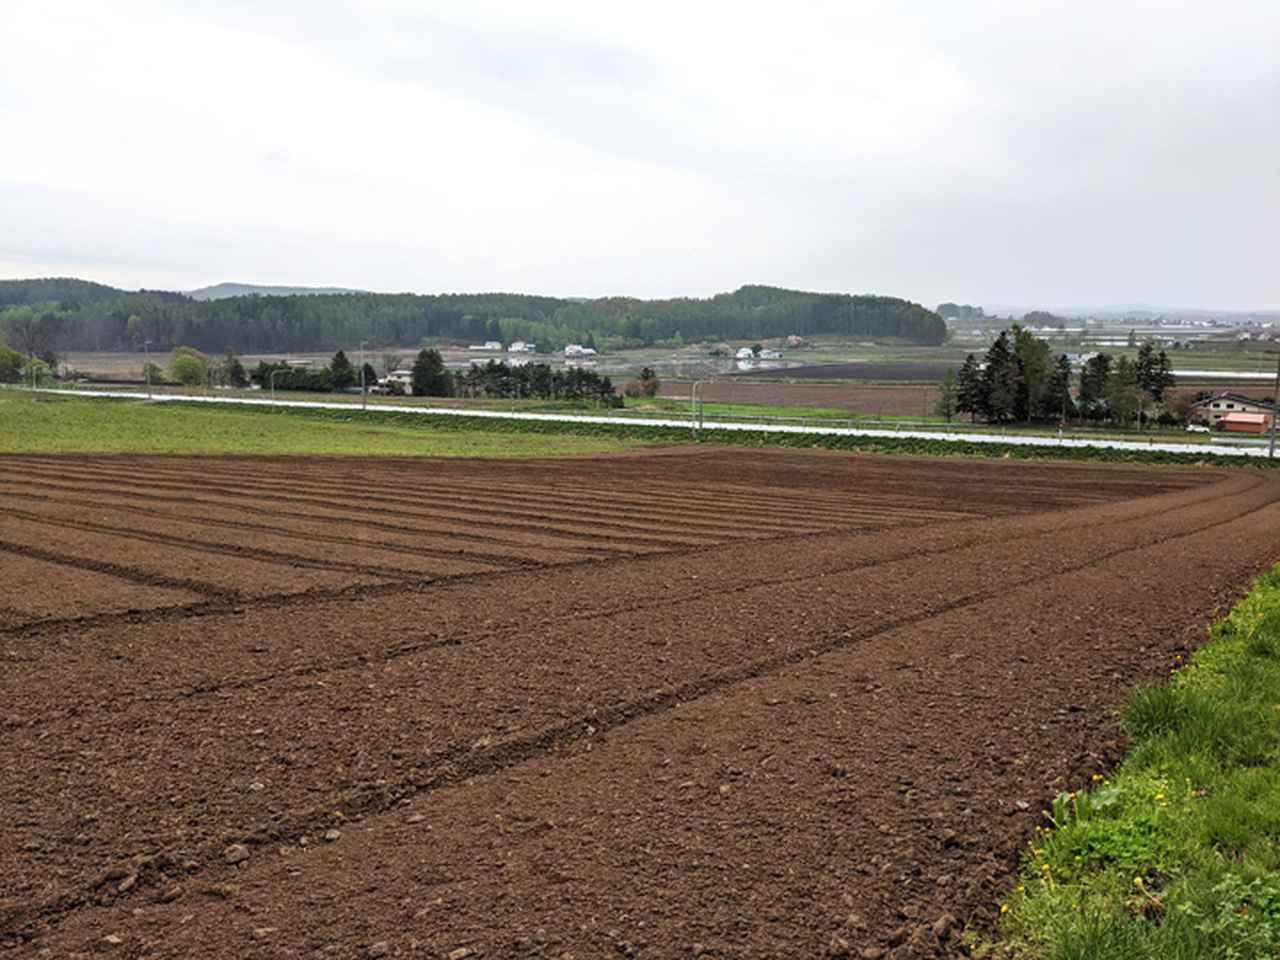 画像: 土壌調整がすべて終わって整地した直後の様子。土を起こした直後の畑はふかふかで気持ちいい